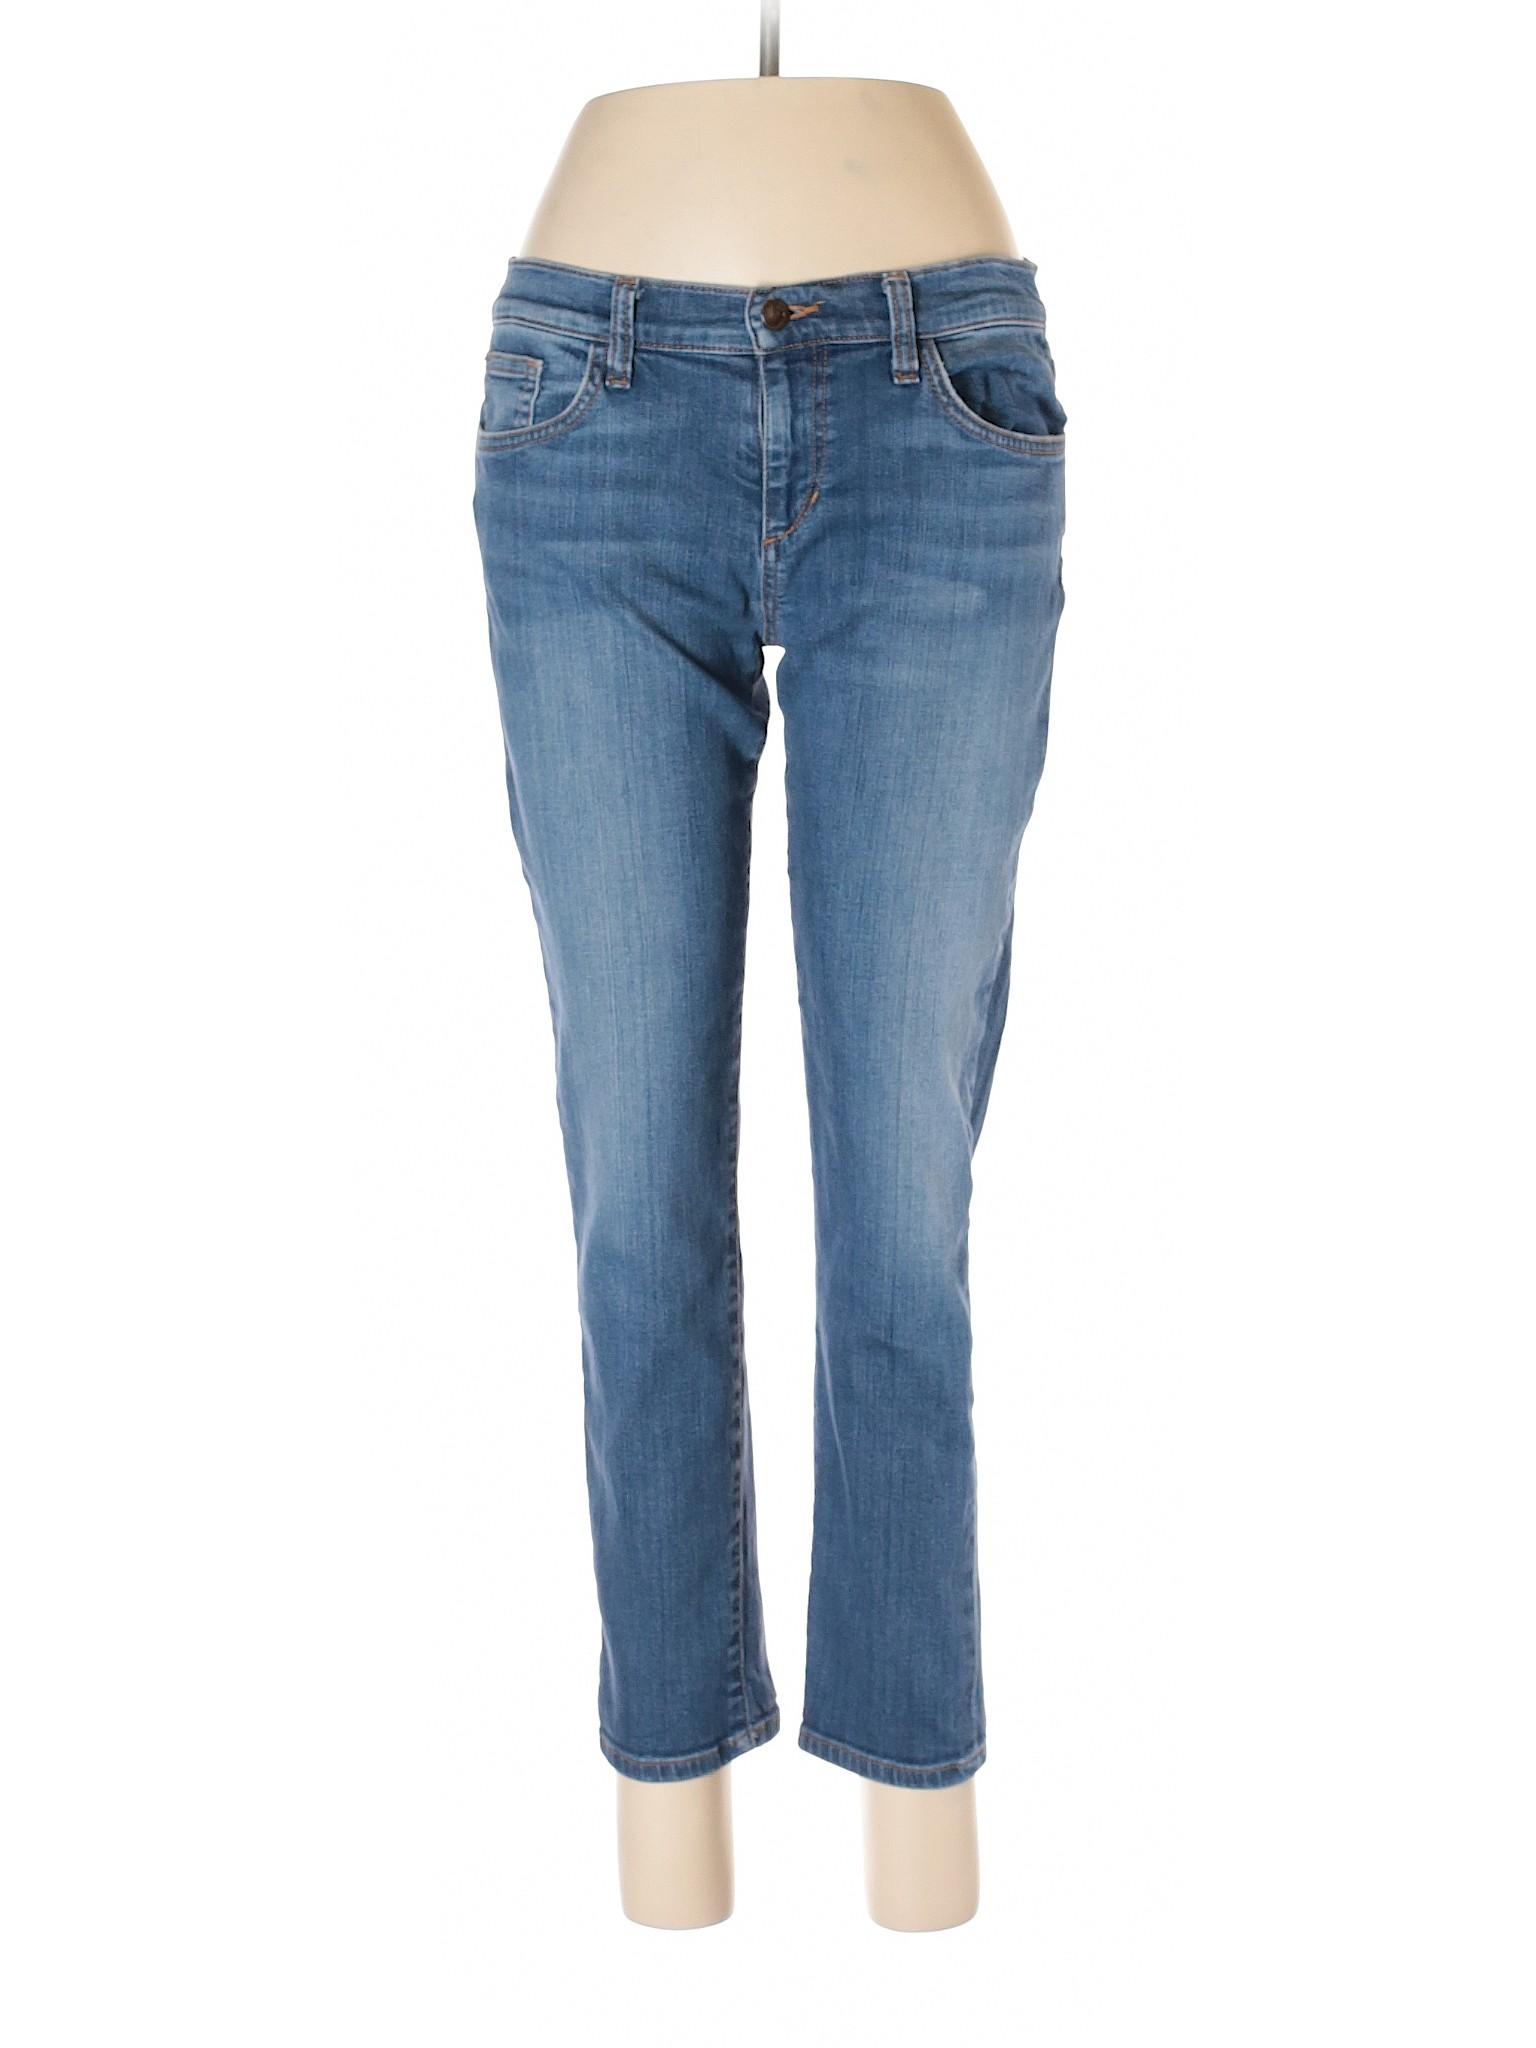 Jeans Promotion Promotion Joe's Joe's twzv8W